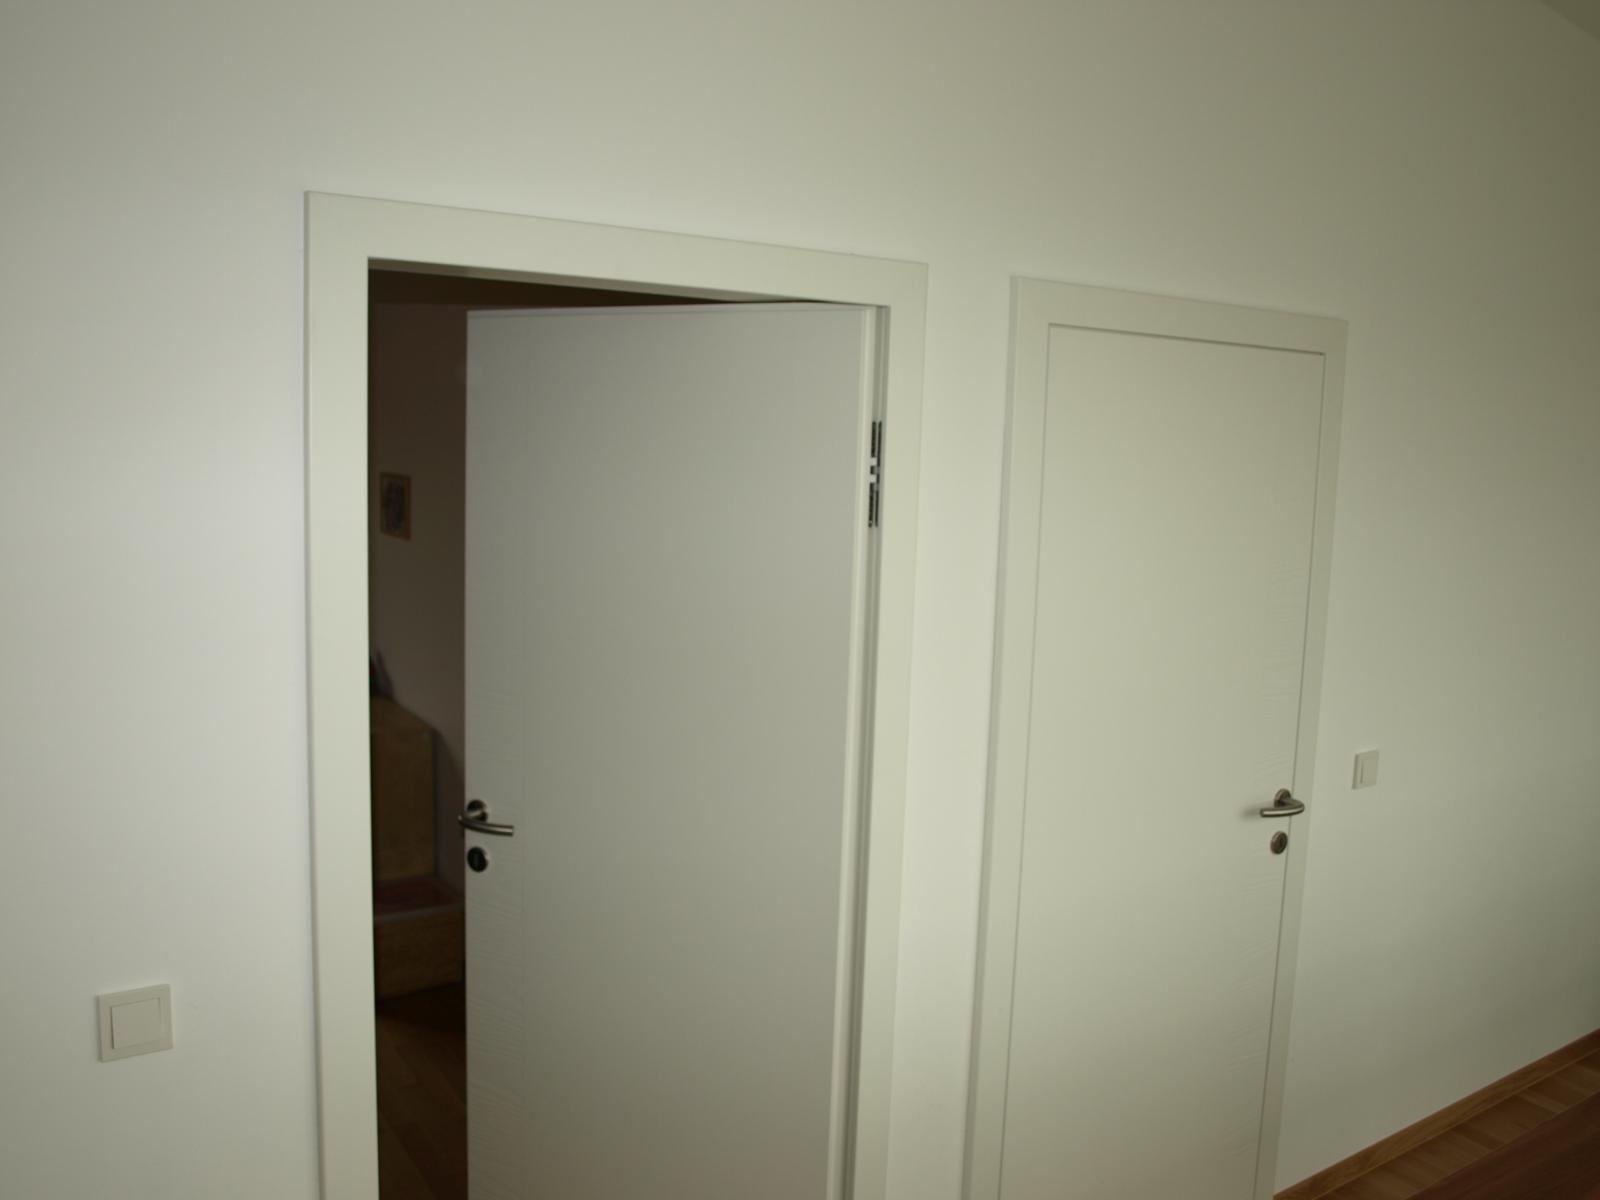 Innentüren weiß glatt  Tagebuch der Tischlerei Slawitscheck: April 2013